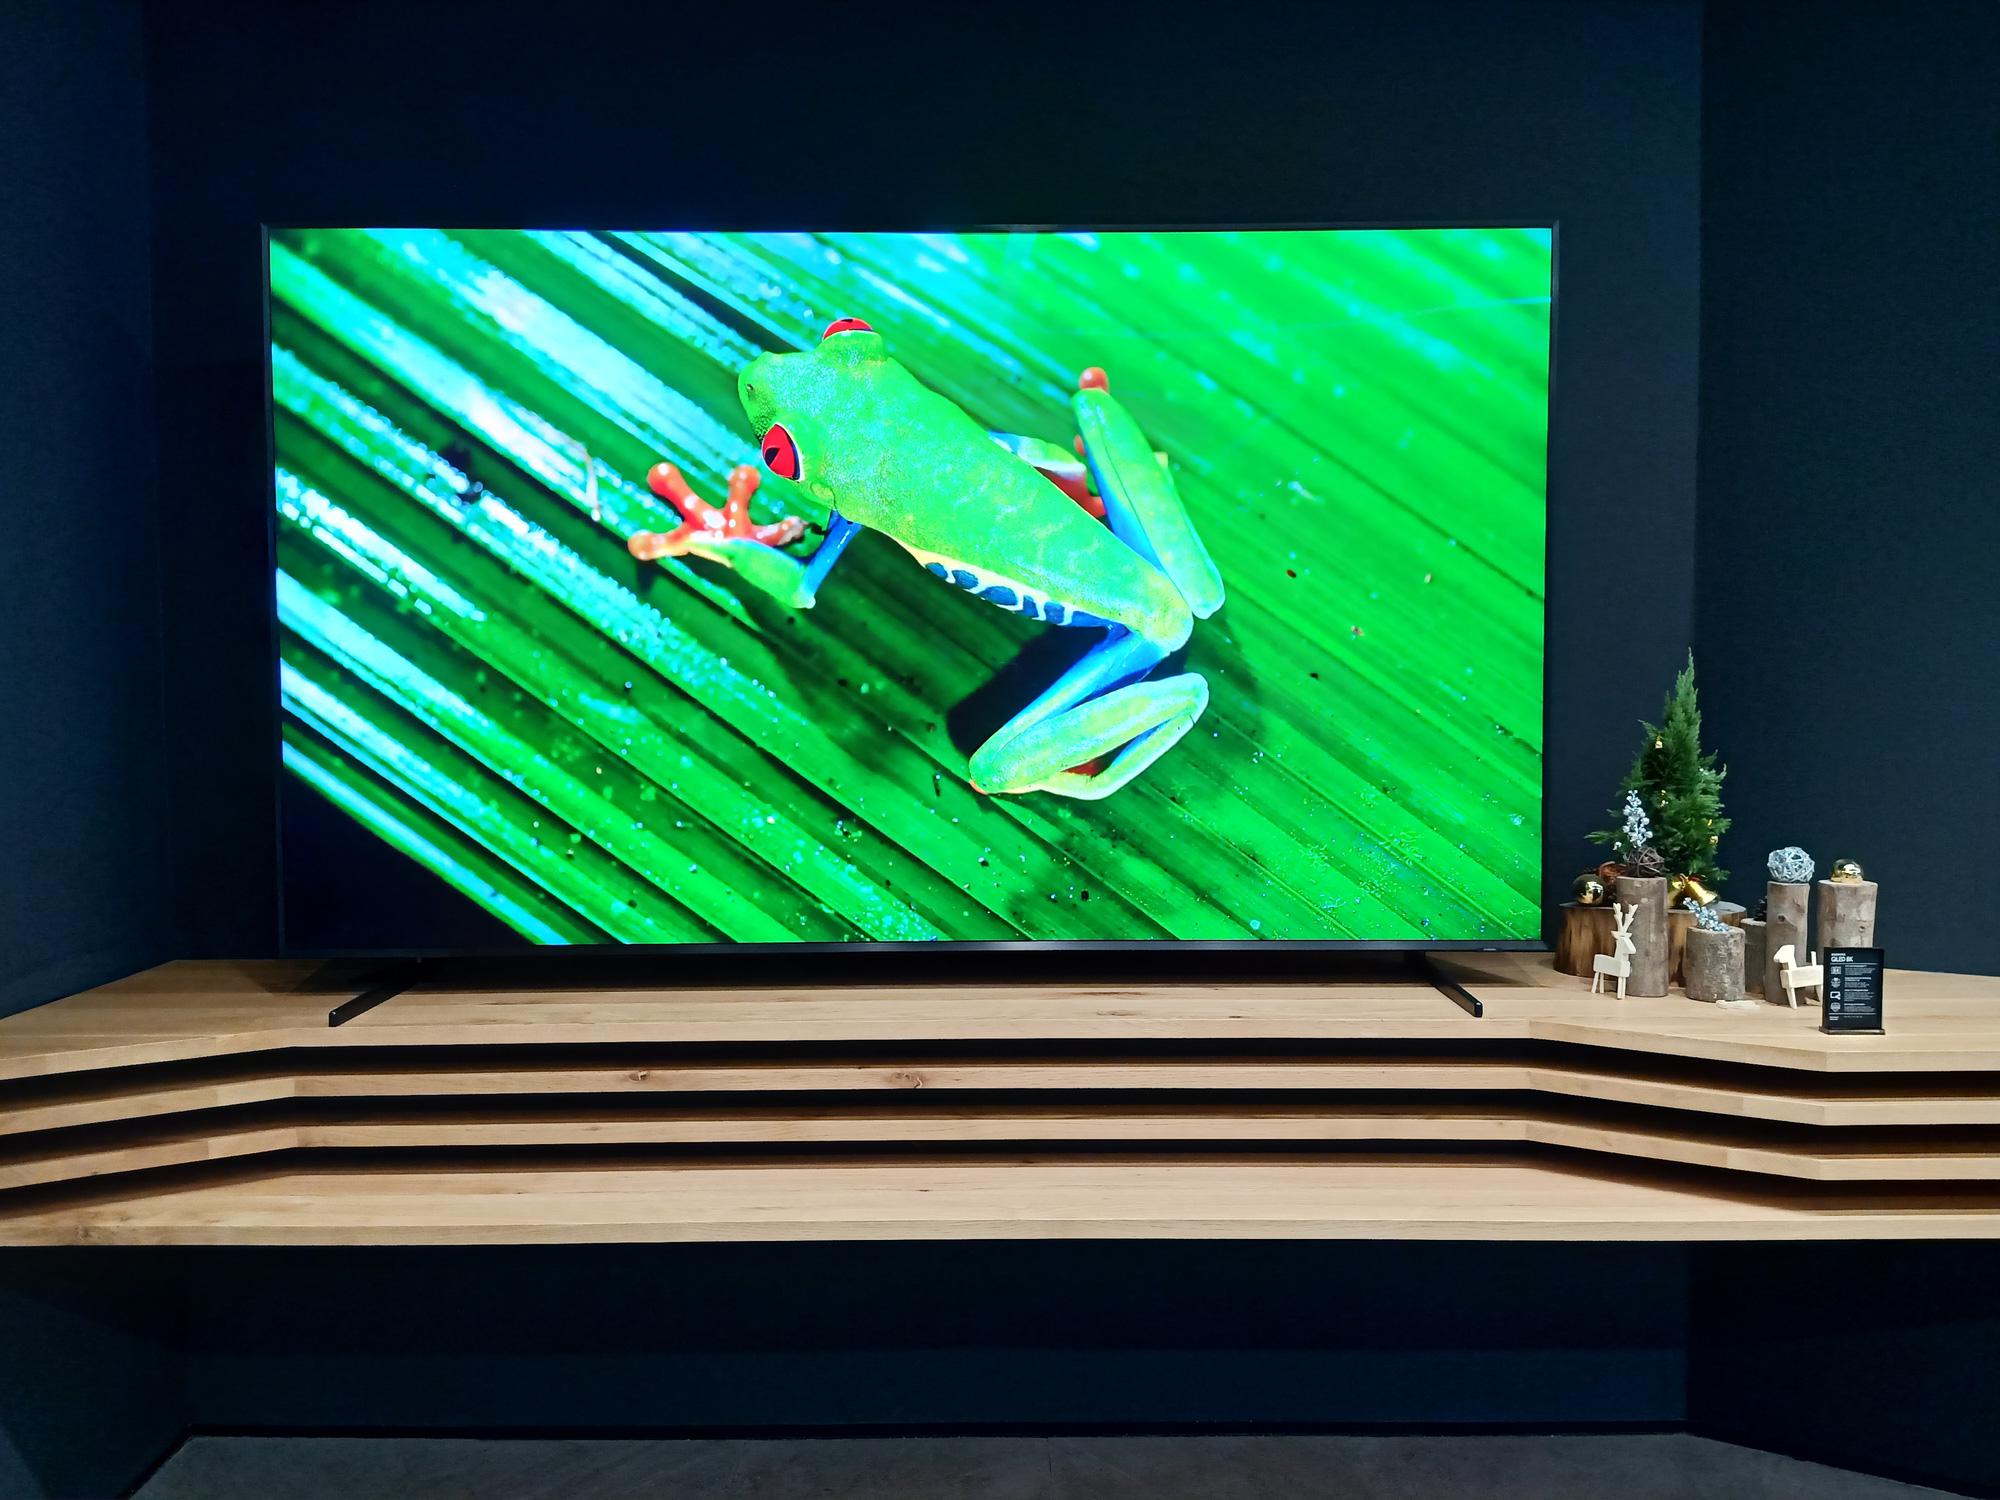 Tivi giảm giá tuần này: Nhiều sản phẩm giá tốt trong dịp cận Tết - Ảnh 4.